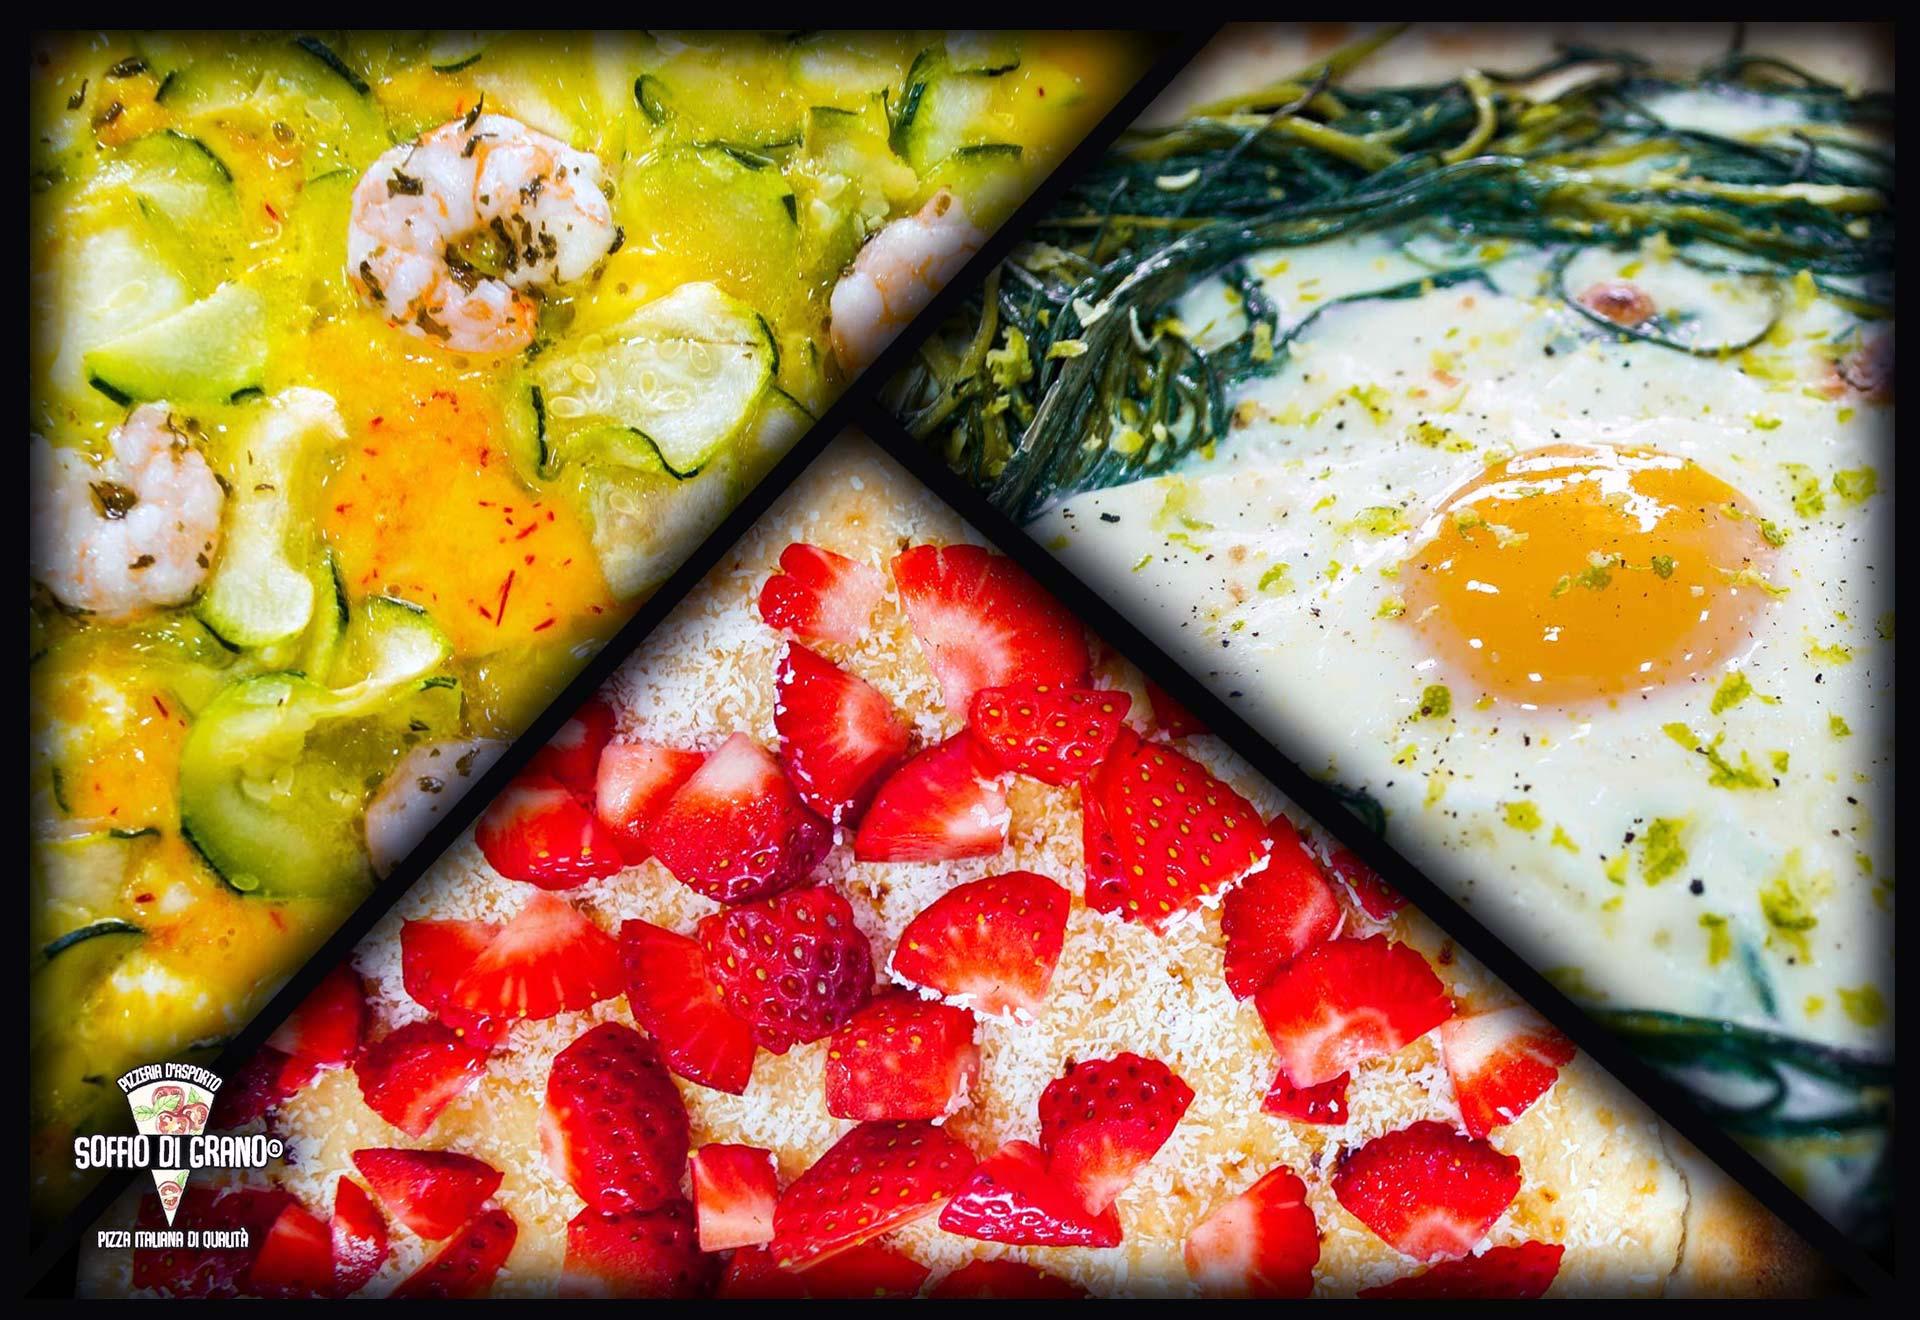 Edizione limtata Aprile - Soffio di Grano - Pizza Dalmine